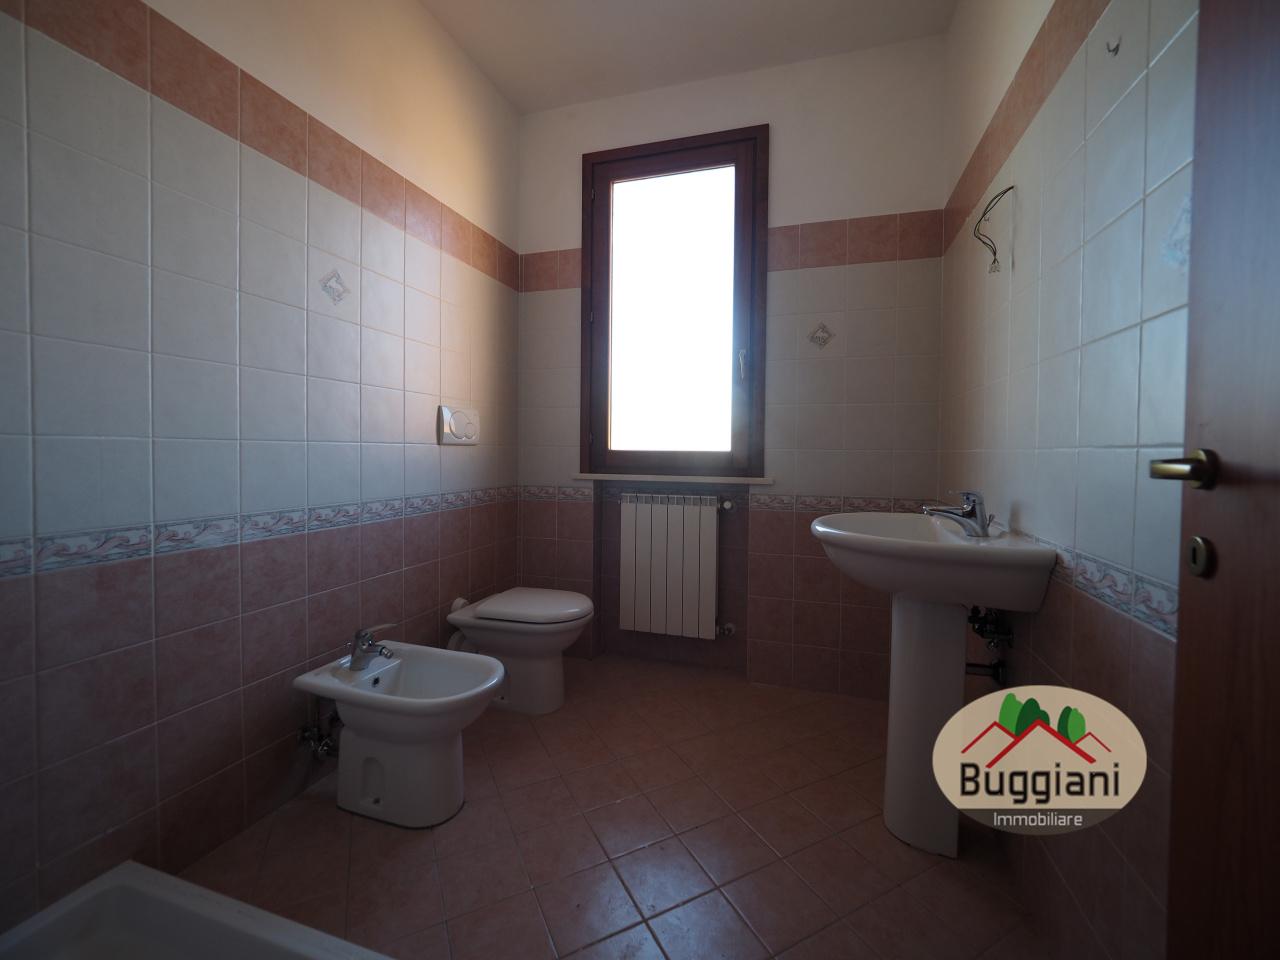 Appartamento in vendita RIF. 2032, Fucecchio (FI)